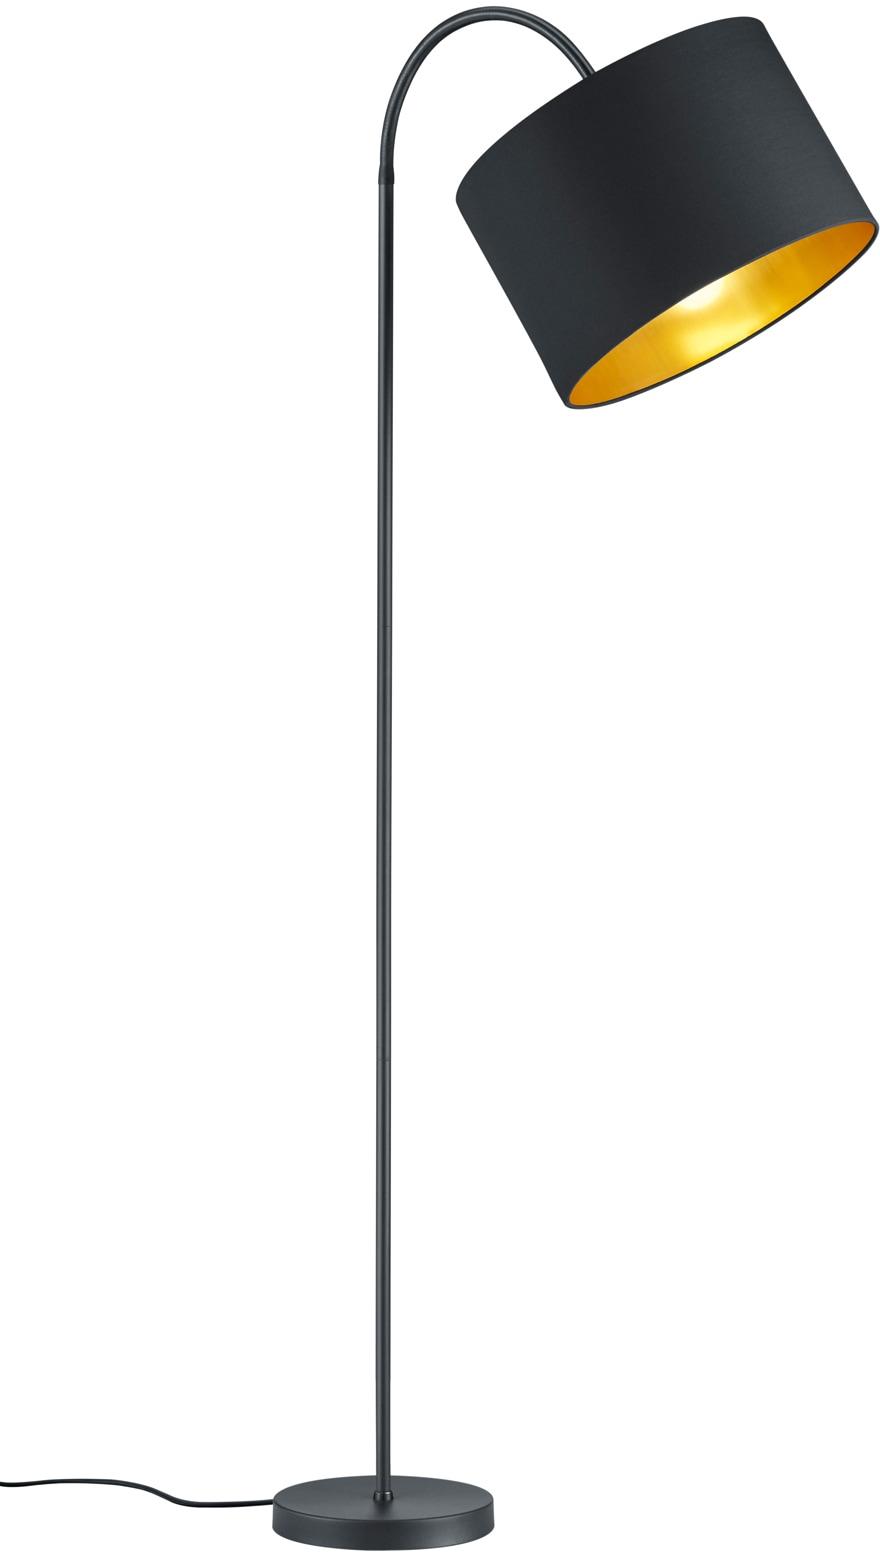 my home Stehlampe JOSIE, E27, Stehleuchte mit flexiblem, schwenkbaren Schirm